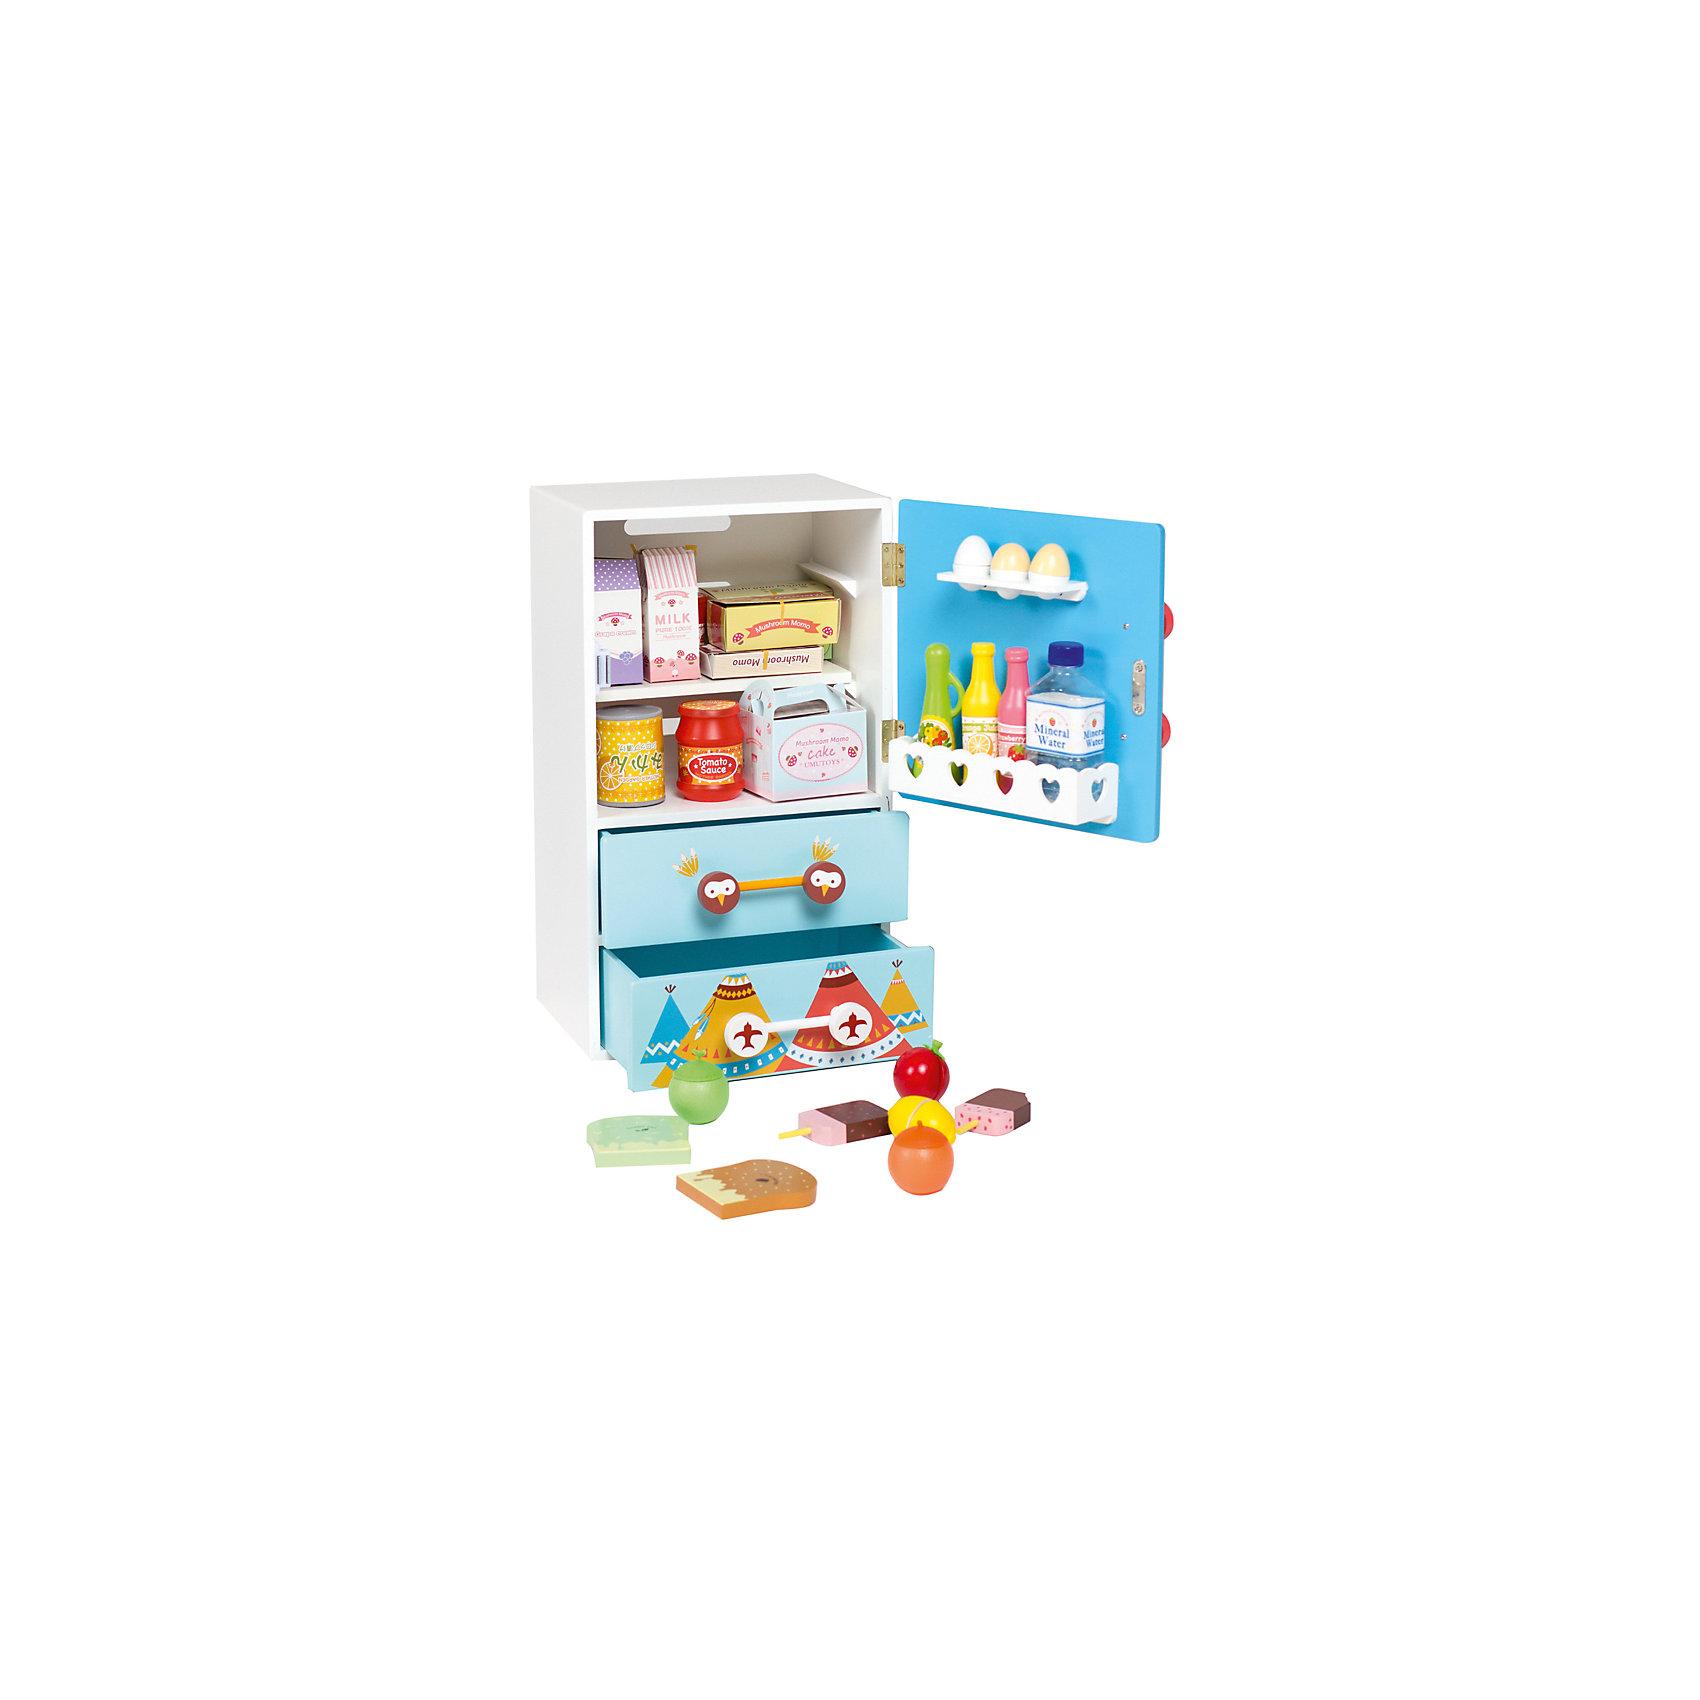 Детскии? холодильник из дерева «Модныи? поваренок», Kids4KidsИгрушечная бытовая техника<br>Характеристики товара:<br><br>• возраст: от 3 лет;<br>• материал: дерево, пластик, картон;<br>• в комплекте: холодильник, 25 предметов;<br>• размер холодильника: 48х26х26 см;<br>• размер упаковки: 53х32х28 см;<br>• вес упаковки: 6,44 кг;<br>• страна производитель: Китай.<br><br>Детский холодильник из дерева «Модный поваренок» Kids4Kids — необходимый аксессуар маленького кулинара, в котором хранятся продукты для приготовления блюд. Холодильник выполнен в ярких расцветках и украшен изображением совенка.<br><br>У холодильника 2 ящика, 2 внутренние полочки, полочка для яиц и полочка для бутылок. Магнитная дверца плавно открывается и закрывается. <br><br>Игрушка научит маленькую хозяйку порядку, организованности, чистоте, тренирует внимательность, аккуратность, память и воображение. Холодильник выполнен из качественного натурального дерева.<br><br>Детский холодильник из дерева «Модный поваренок» Kids4Kids можно приобрести в нашем интернет-магазине.<br><br>Ширина мм: 270<br>Глубина мм: 310<br>Высота мм: 550<br>Вес г: 10000<br>Возраст от месяцев: 36<br>Возраст до месяцев: 2147483647<br>Пол: Унисекс<br>Возраст: Детский<br>SKU: 6844319